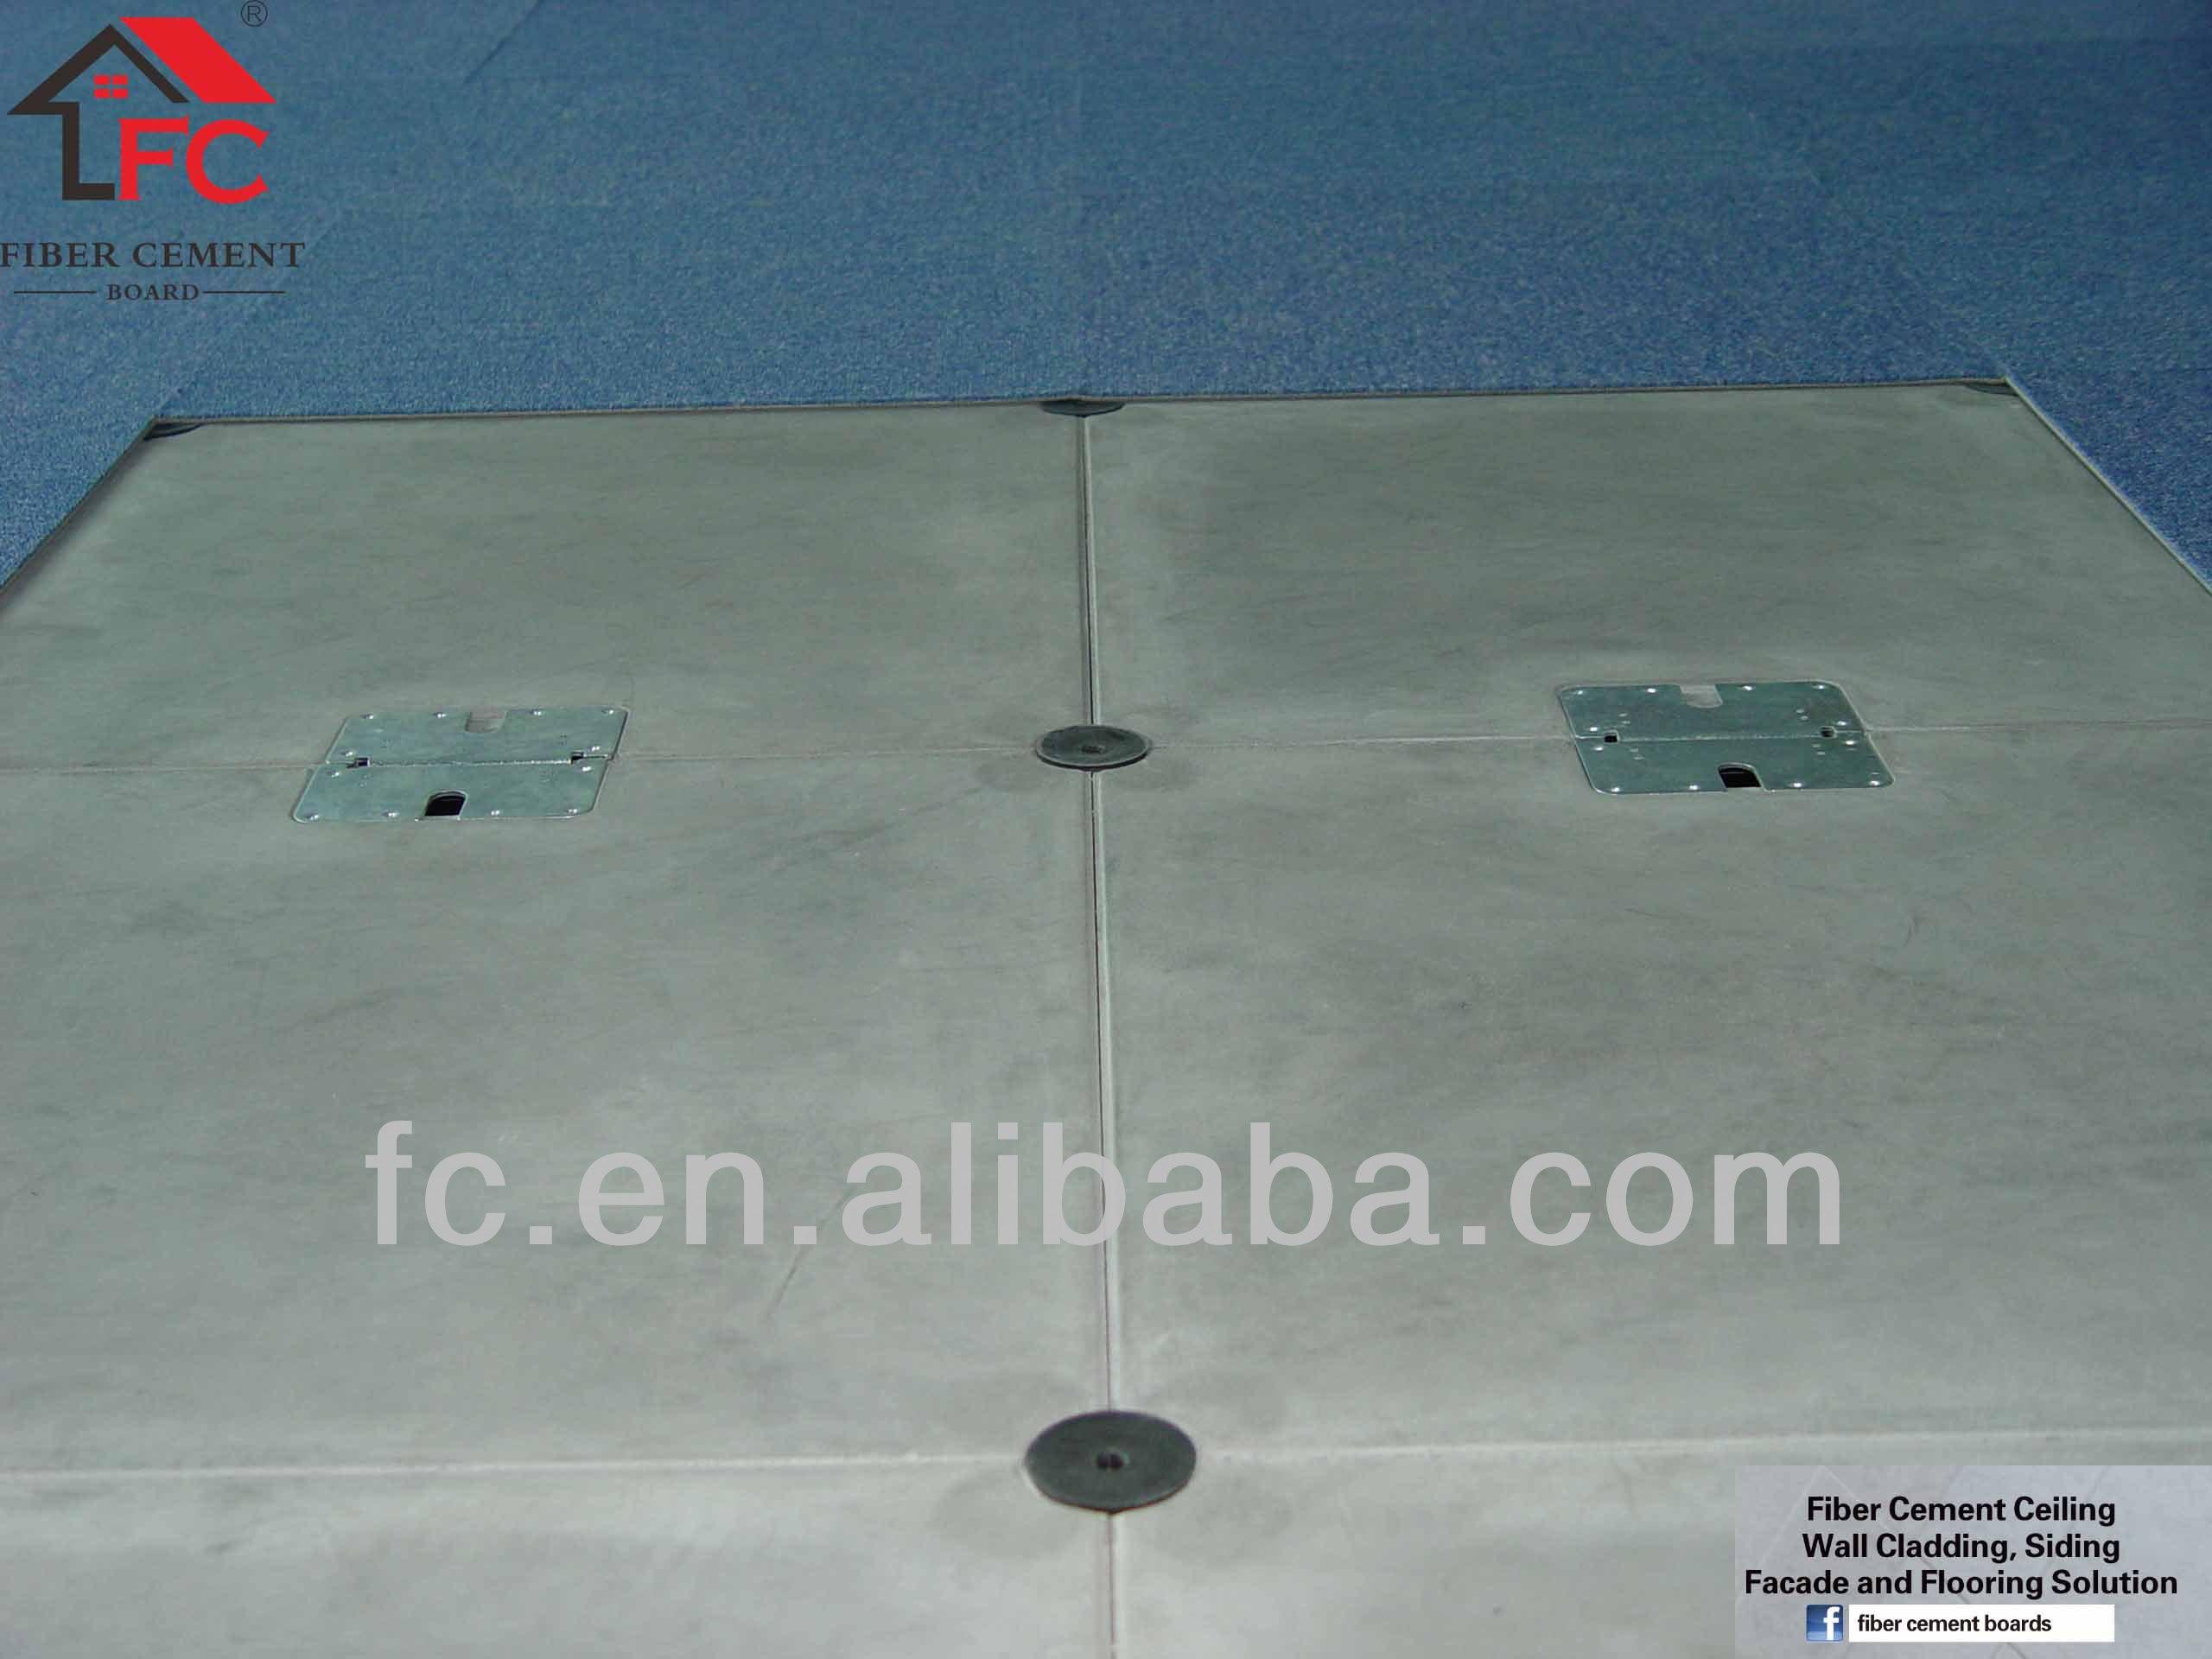 Calcium Silicate In Floors : ケイ酸カルシウムフリーアクセスフロア、 ロッテは、 床を調達のために使用されるスーパータワー 韓国で 帯電防止